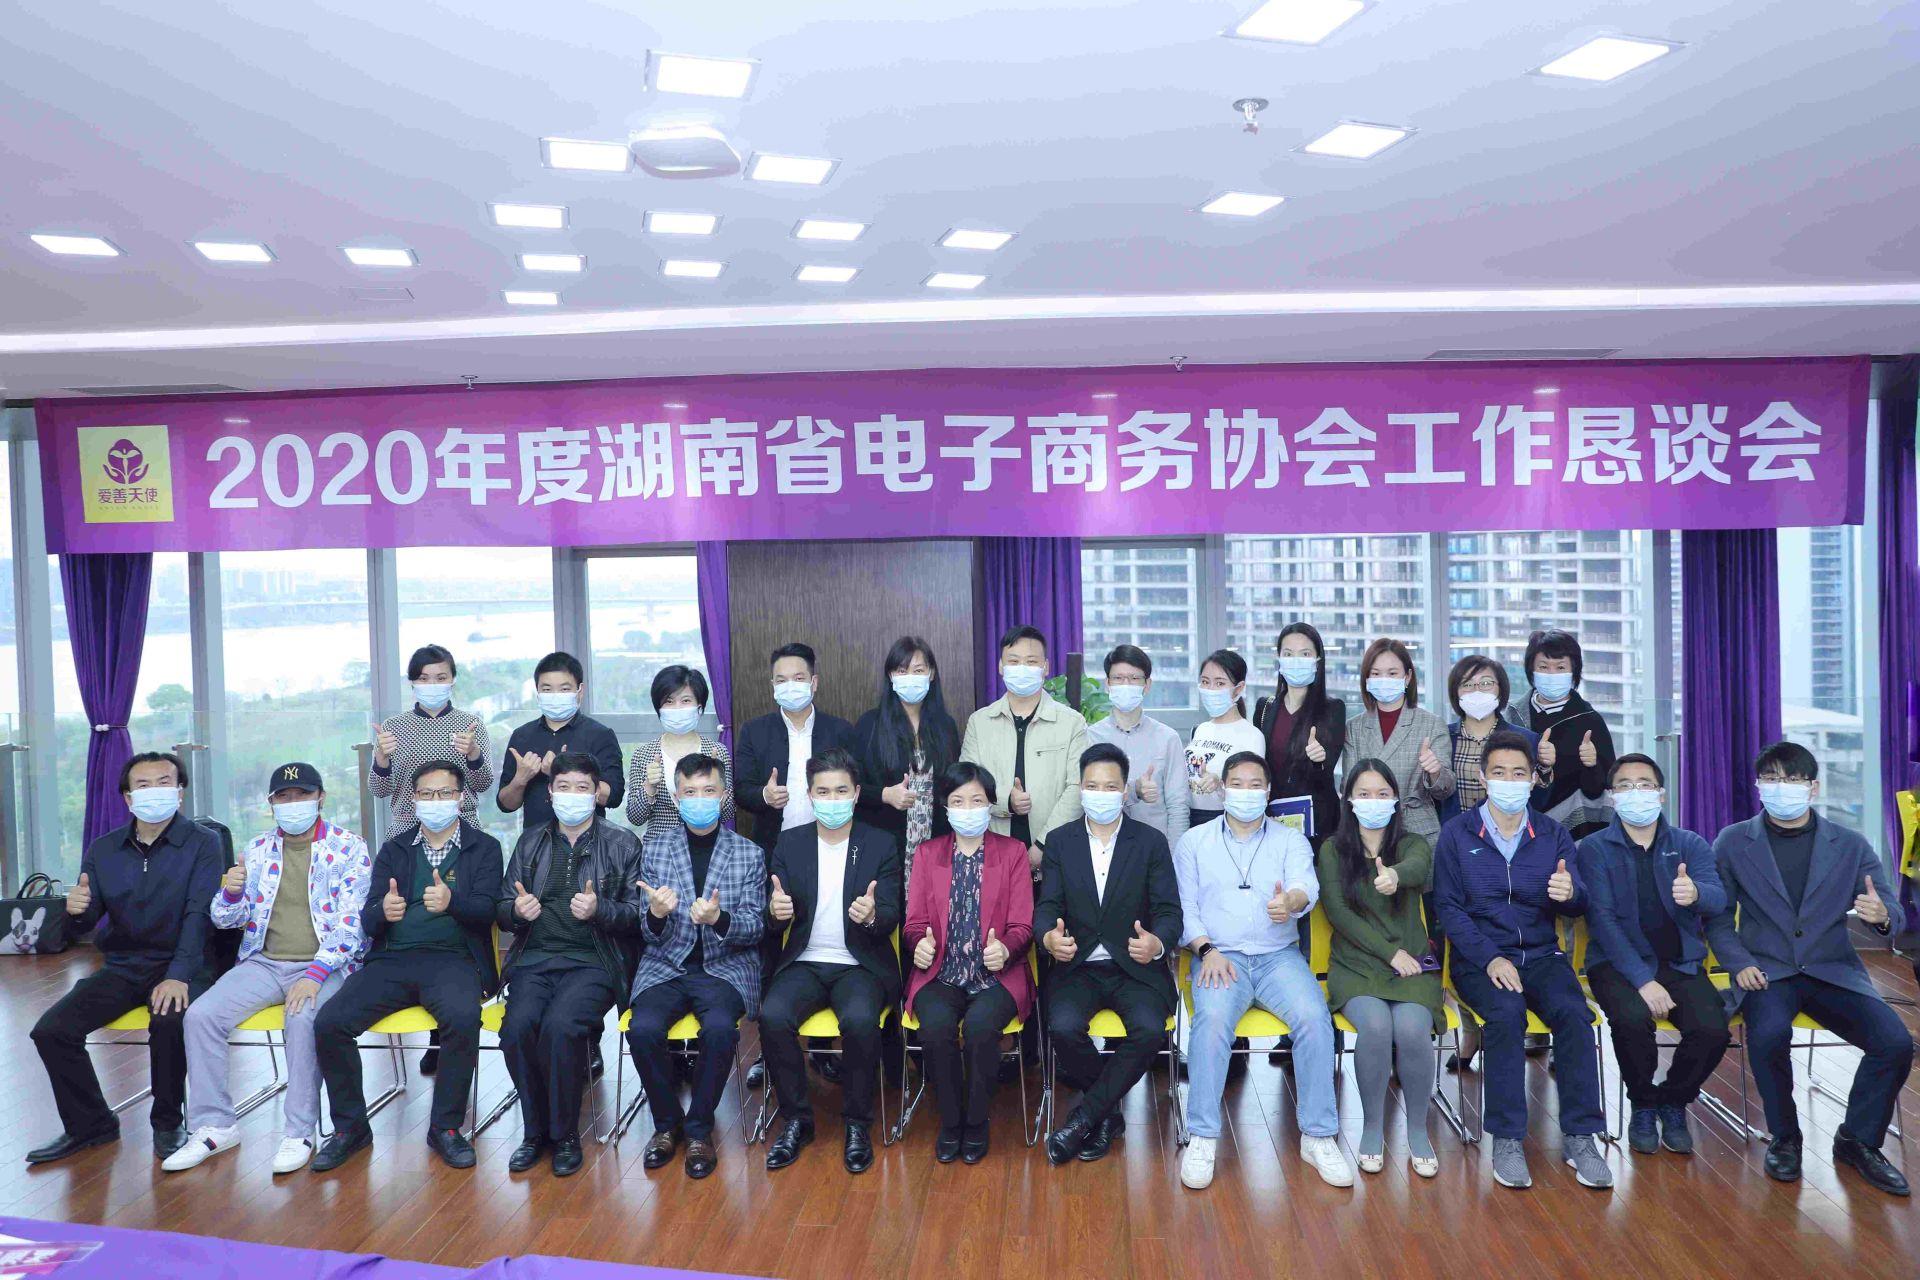 湖南省电商协会在会长单位爱善天使集团探讨数字商务发展